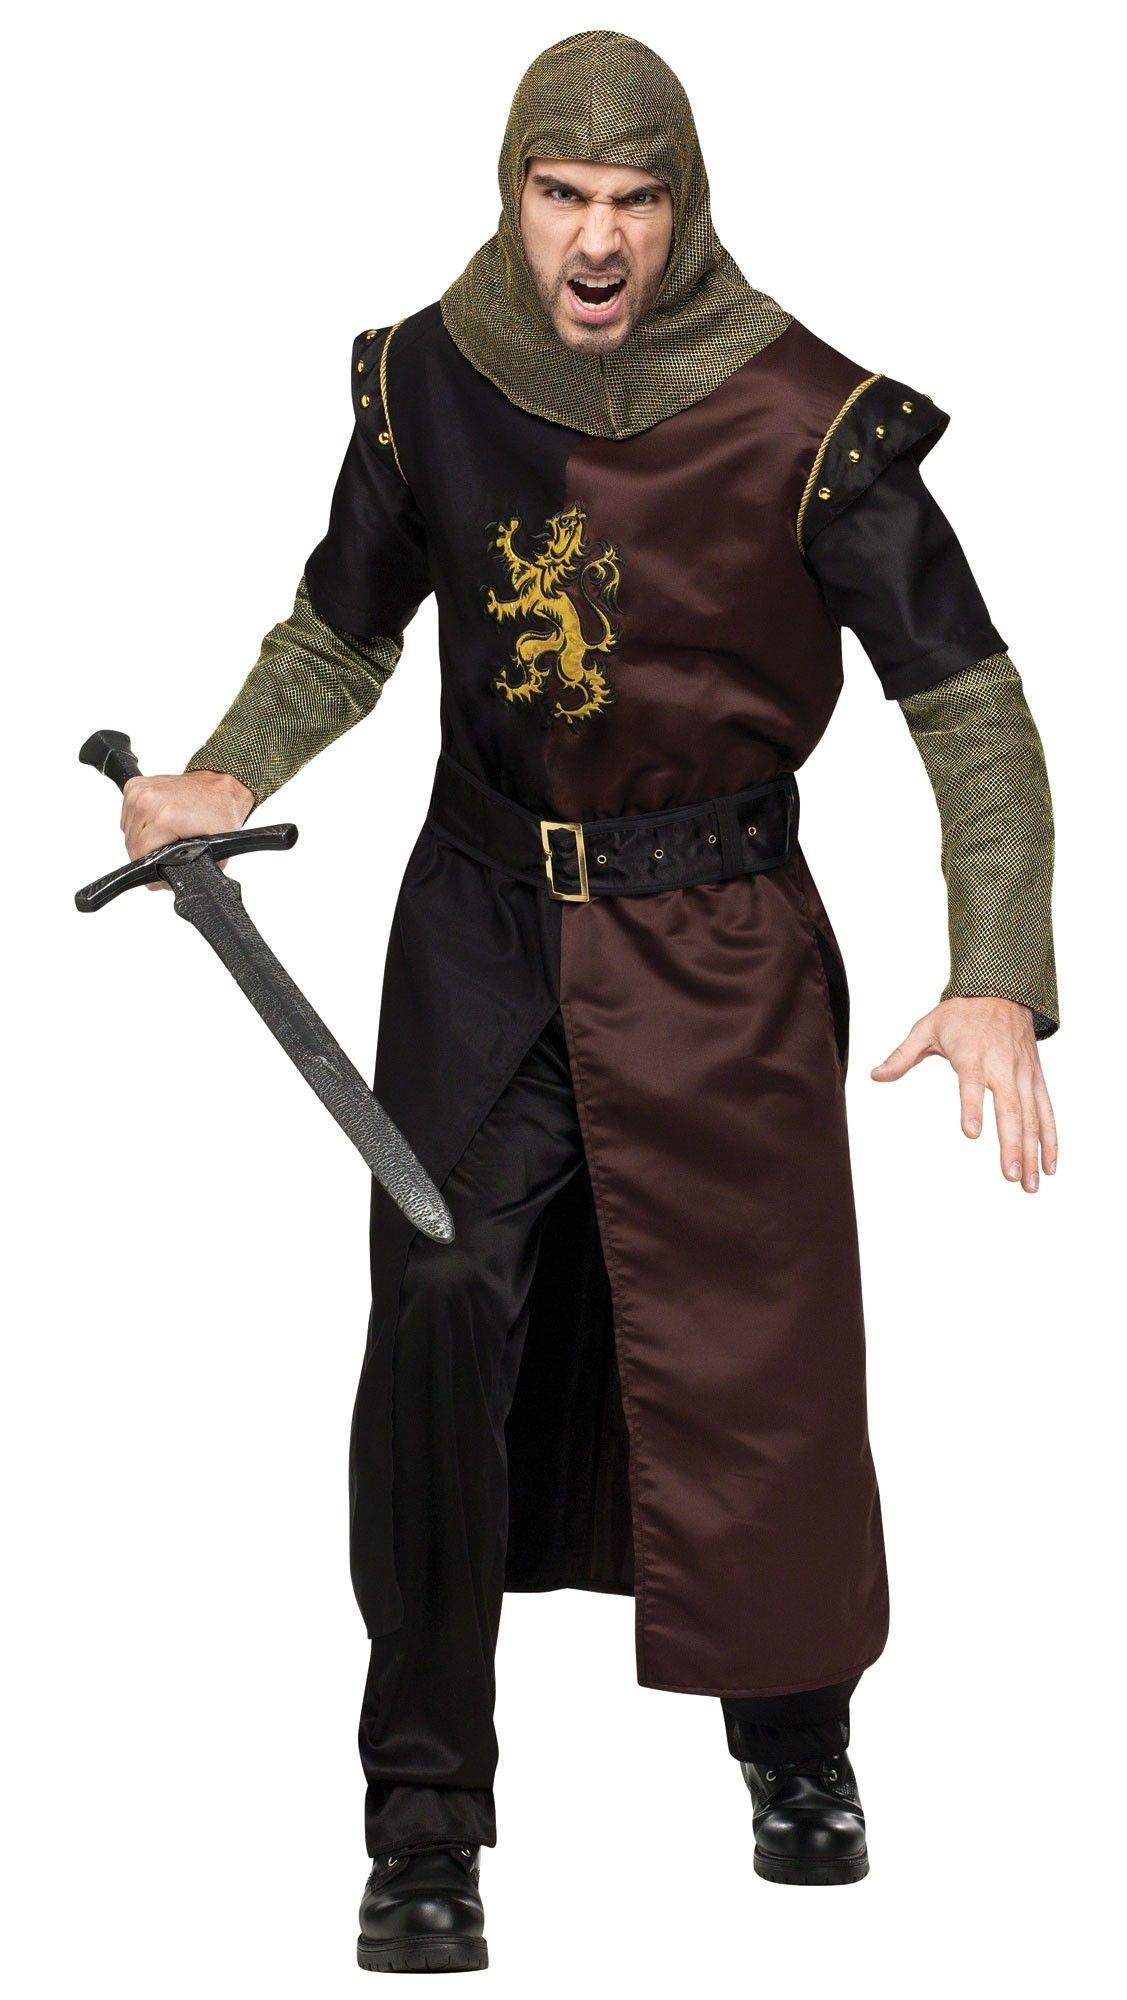 valiant knight adult costume. Black Bedroom Furniture Sets. Home Design Ideas